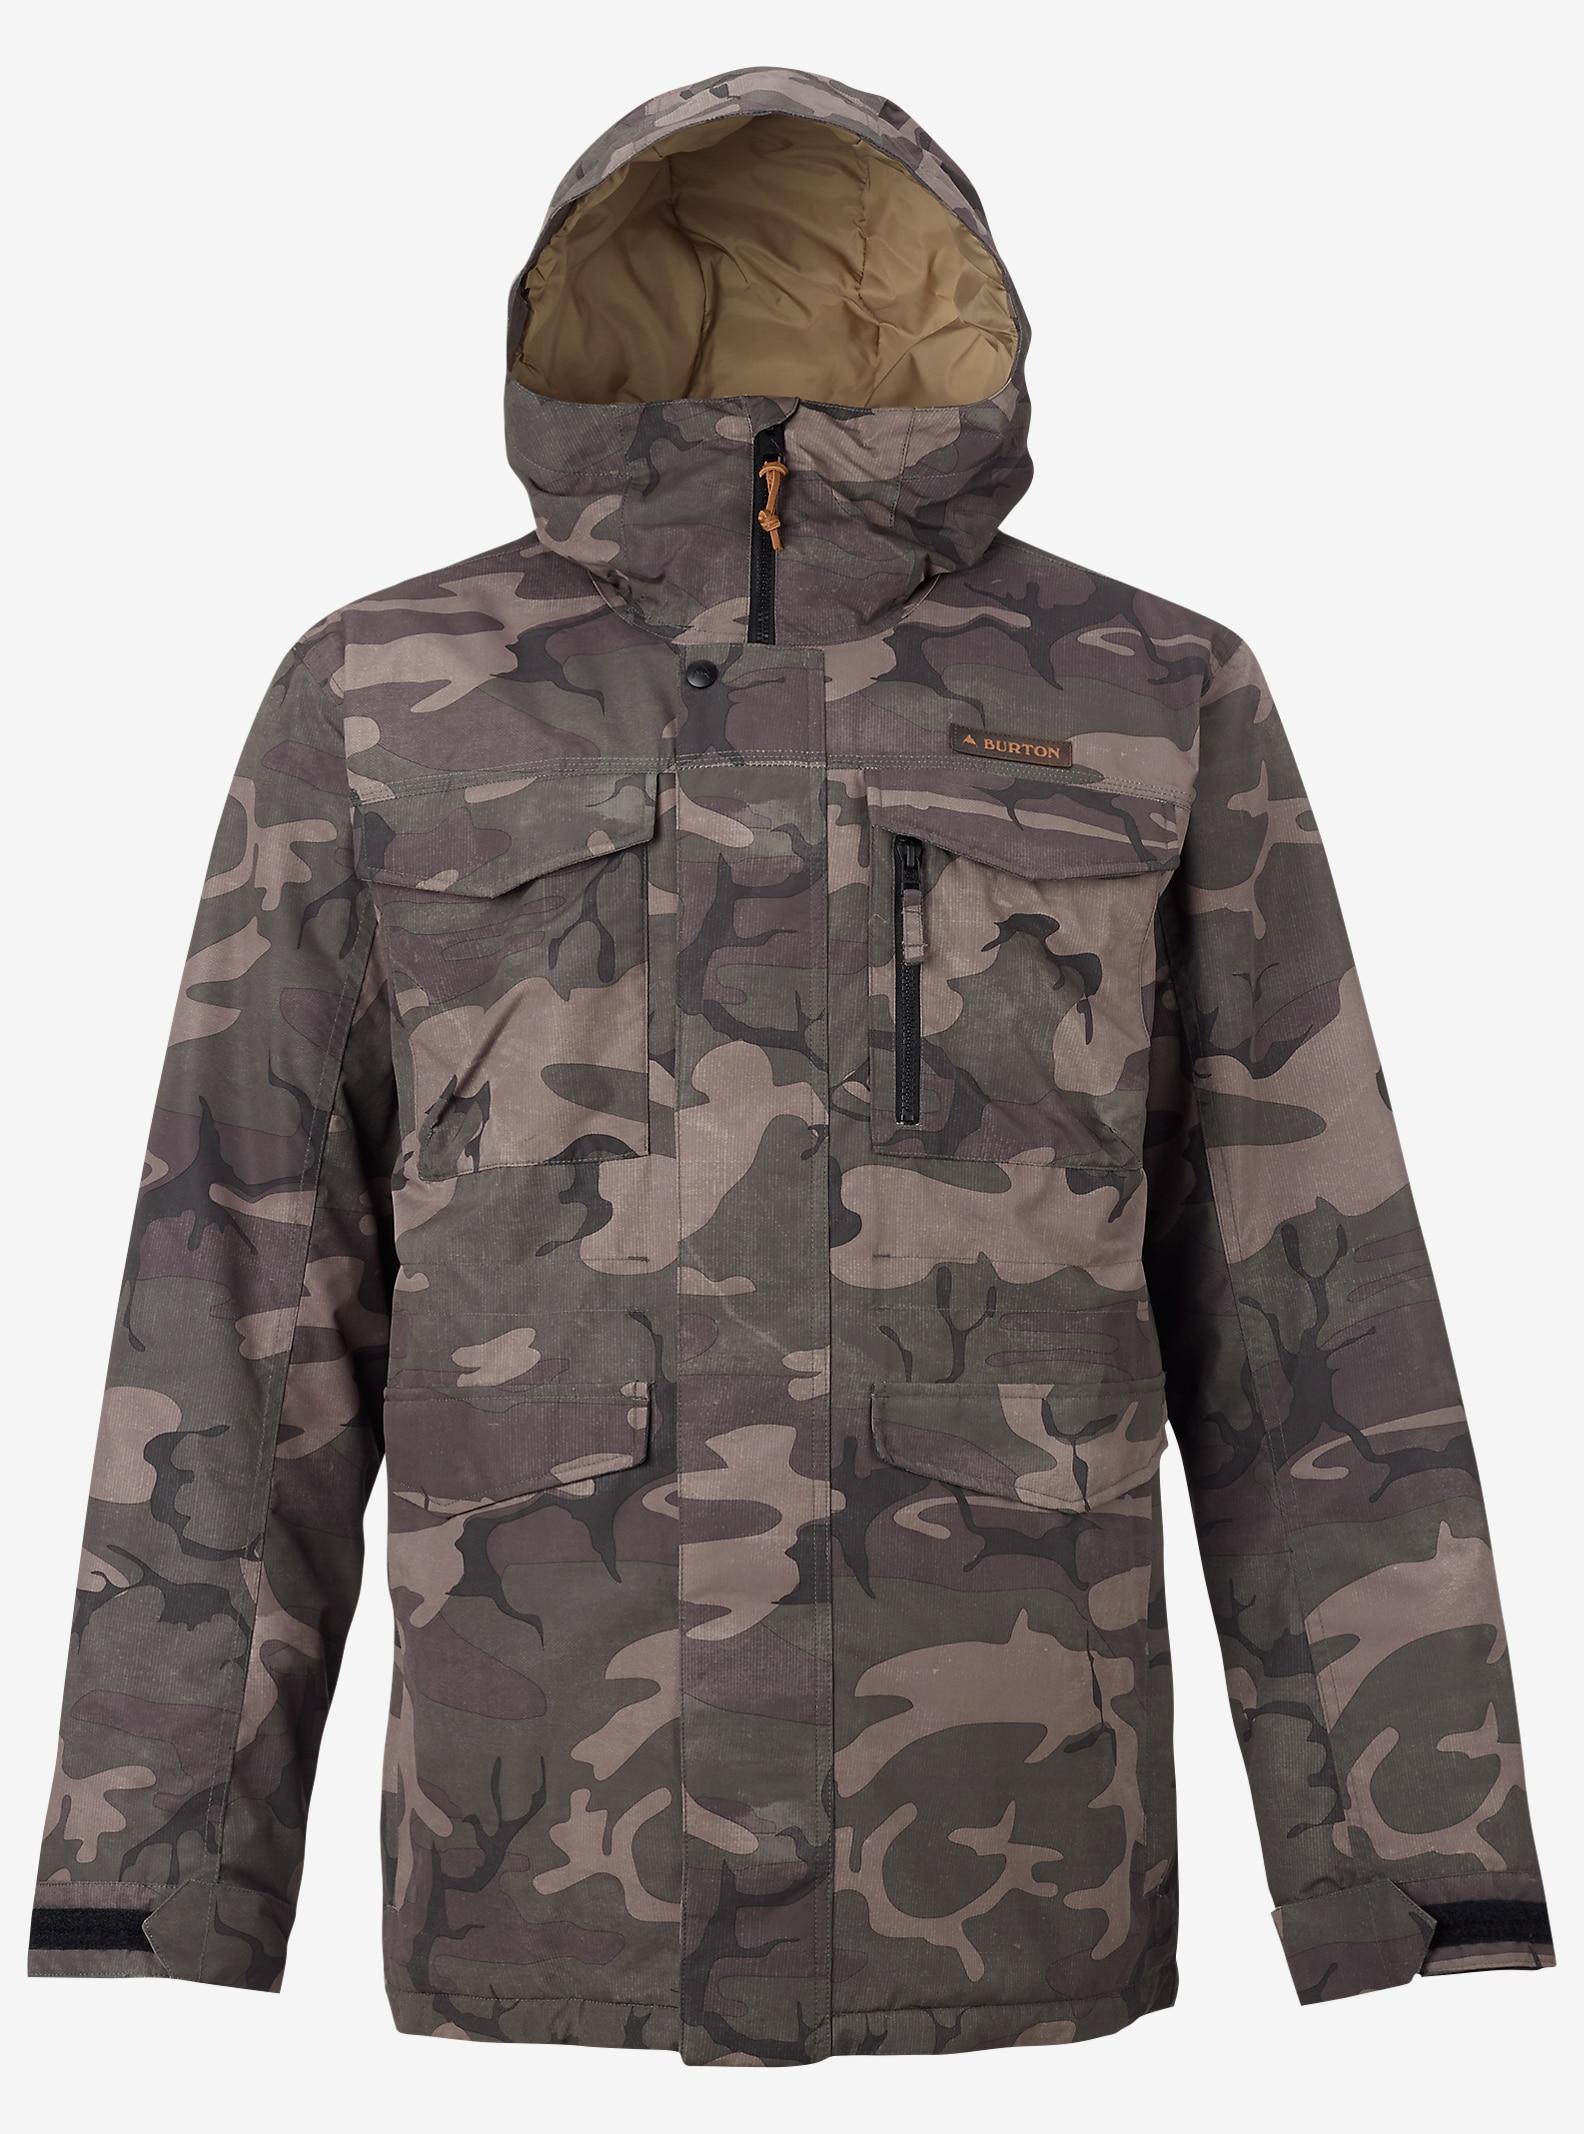 Burton Covert Jacket shown in Bkamo